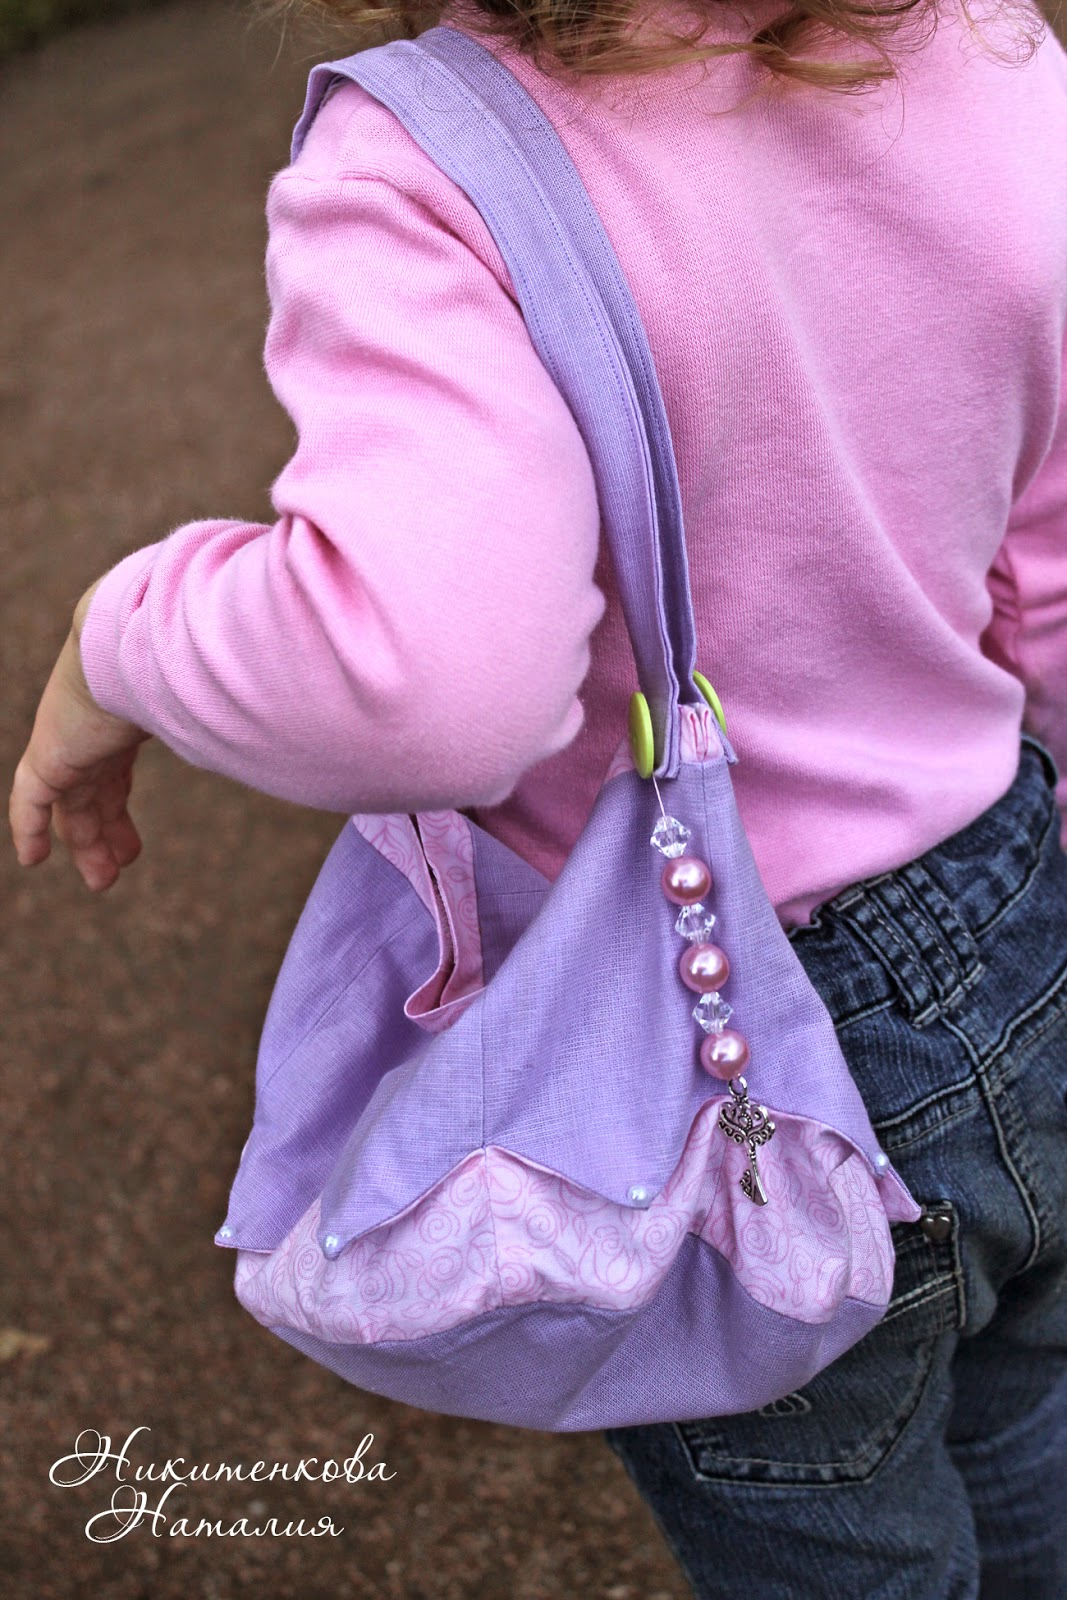 детская сумочка, сумочка для девочки, сумочка для дочки, детское